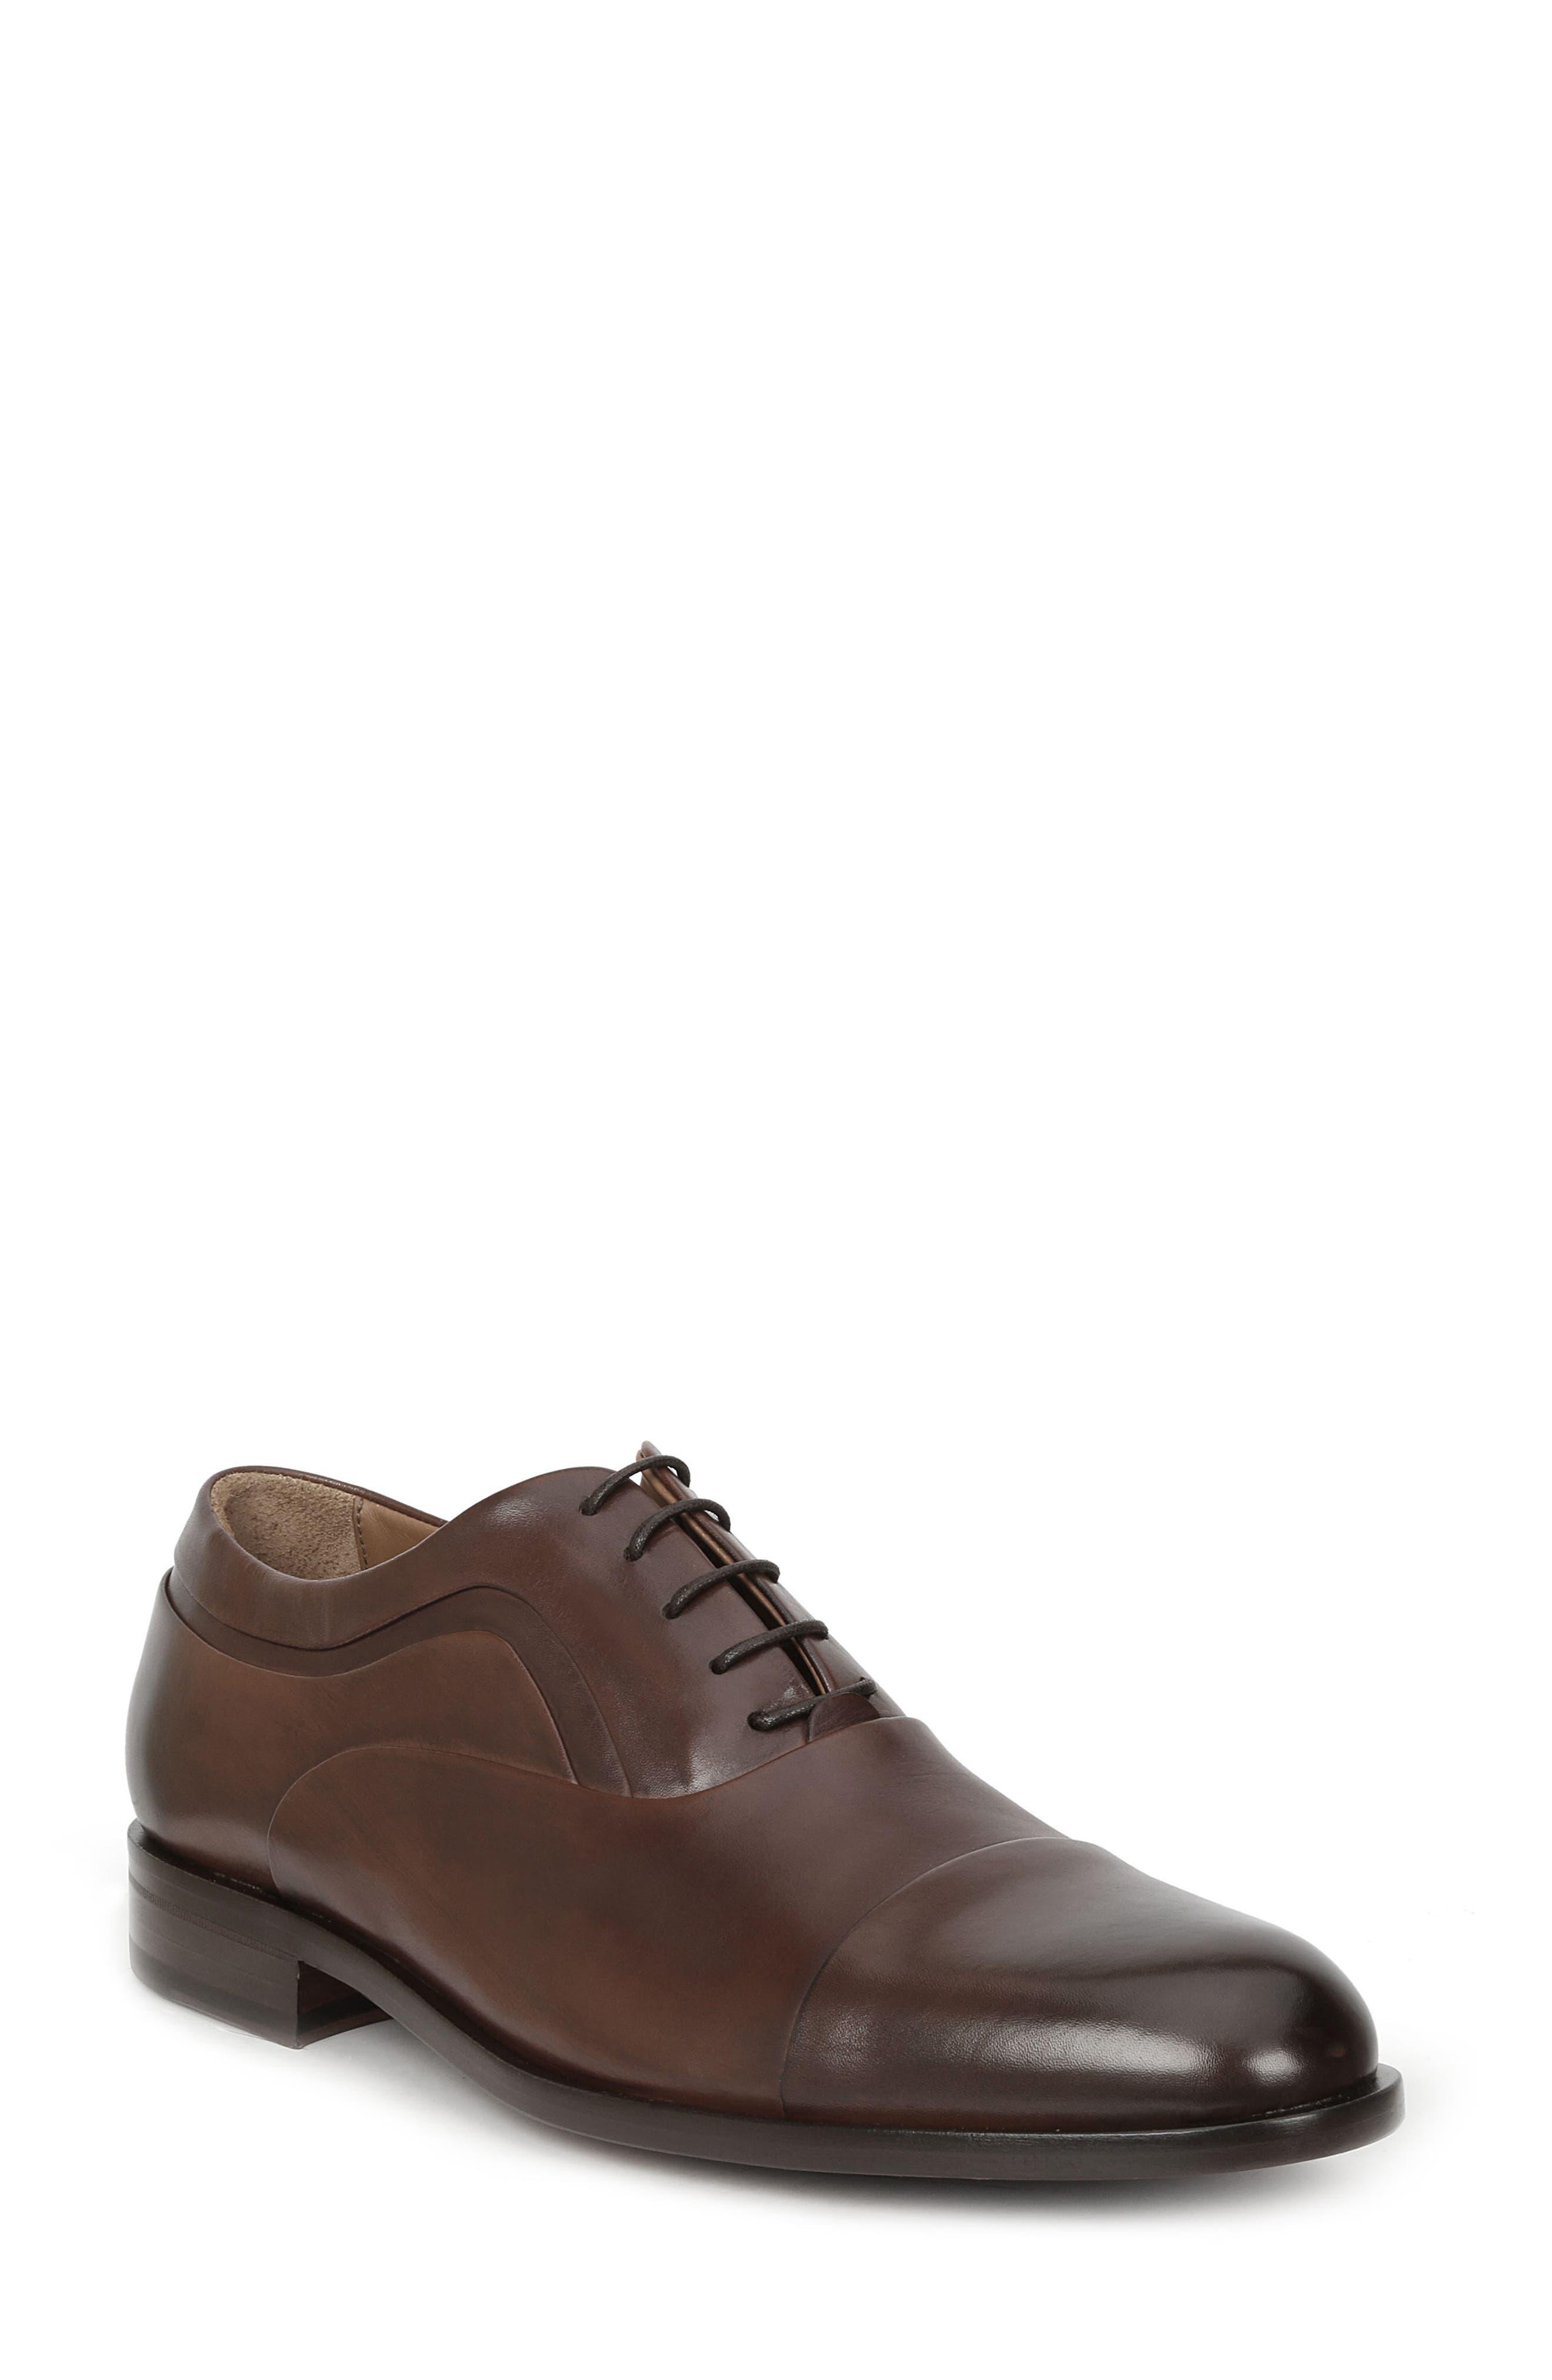 BRUNO MAGLI Sassiolo Leather Cap Toe Oxfords in Brown